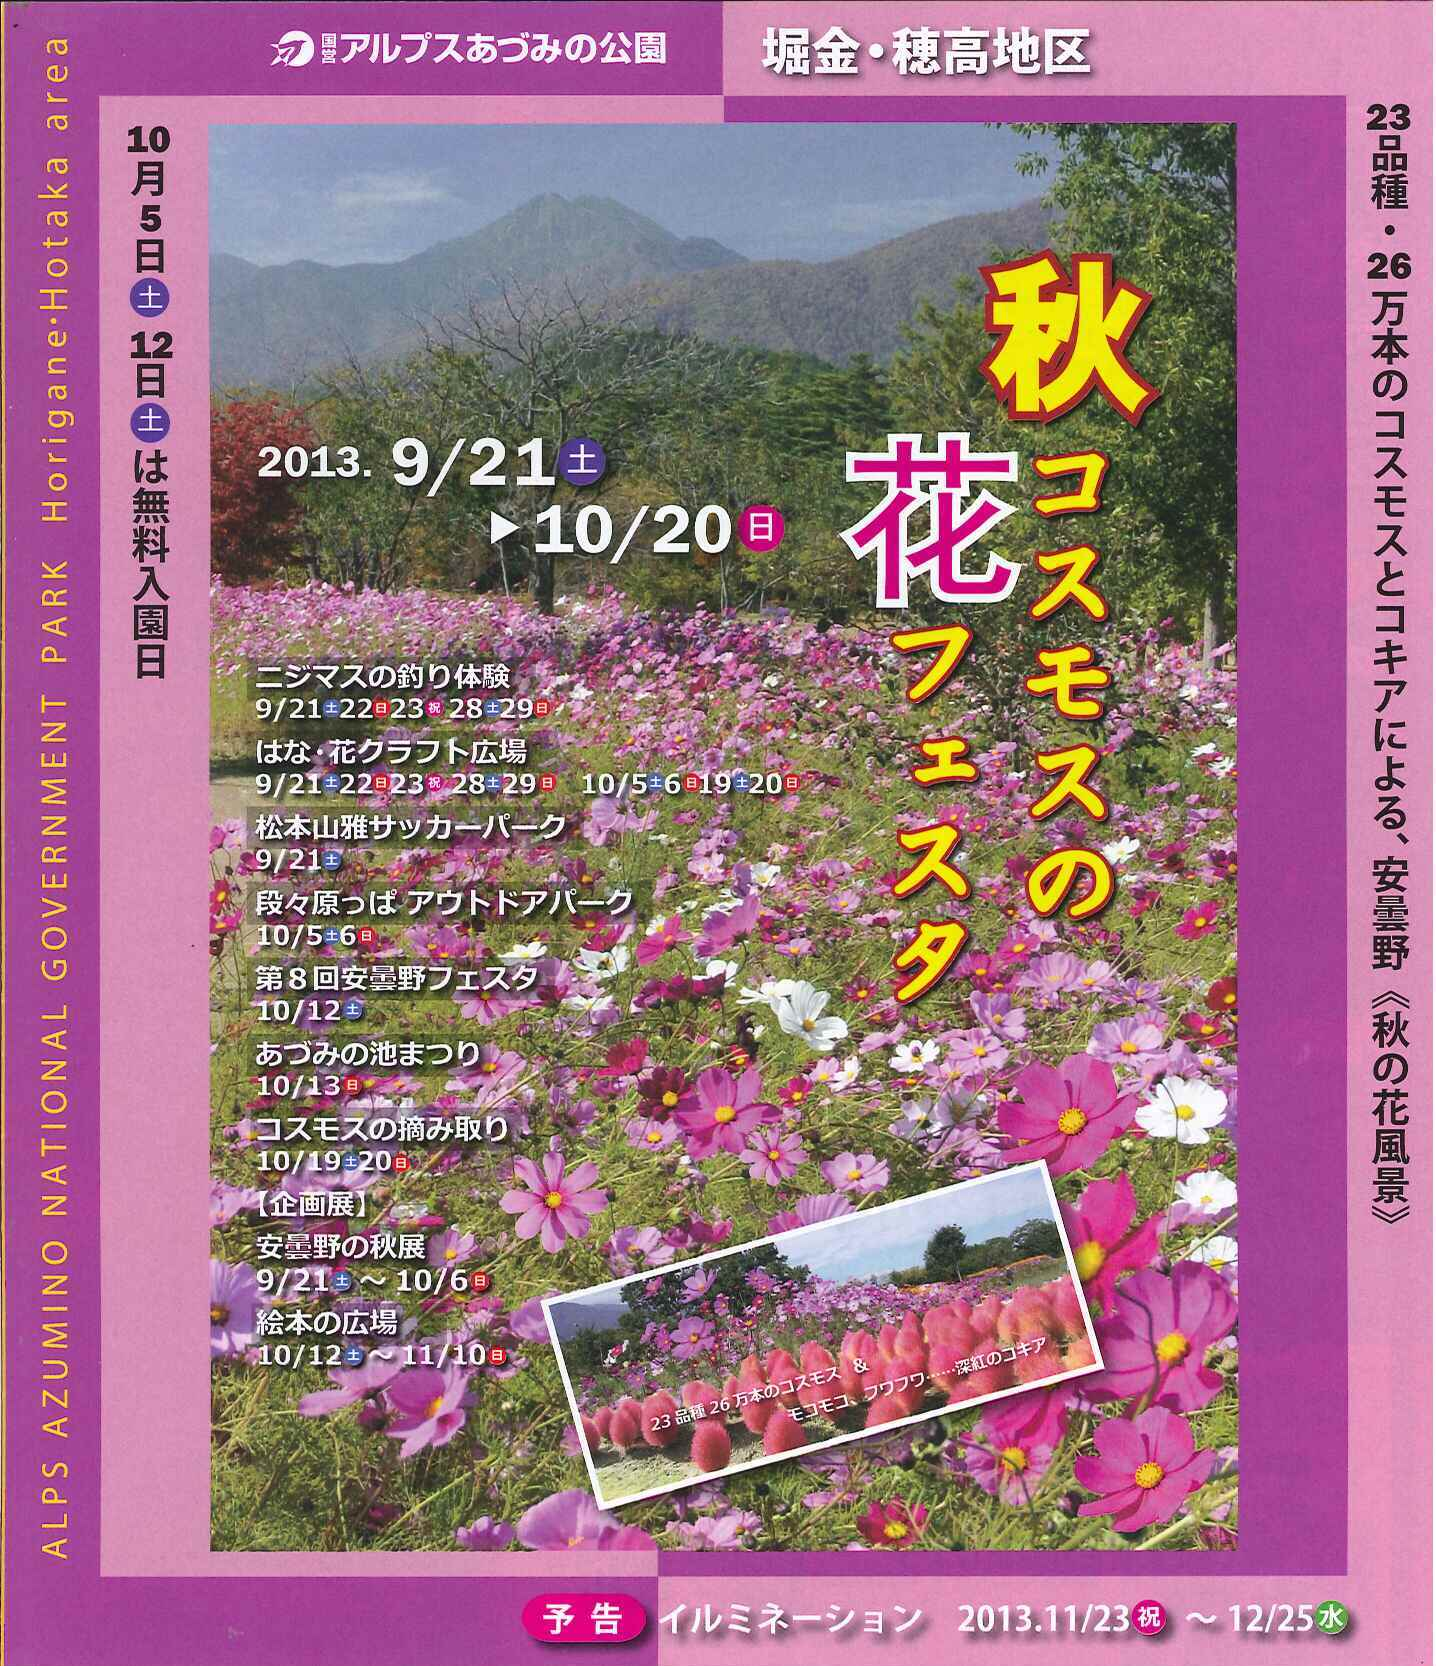 2013.9.22秋の花フェスタトリミング